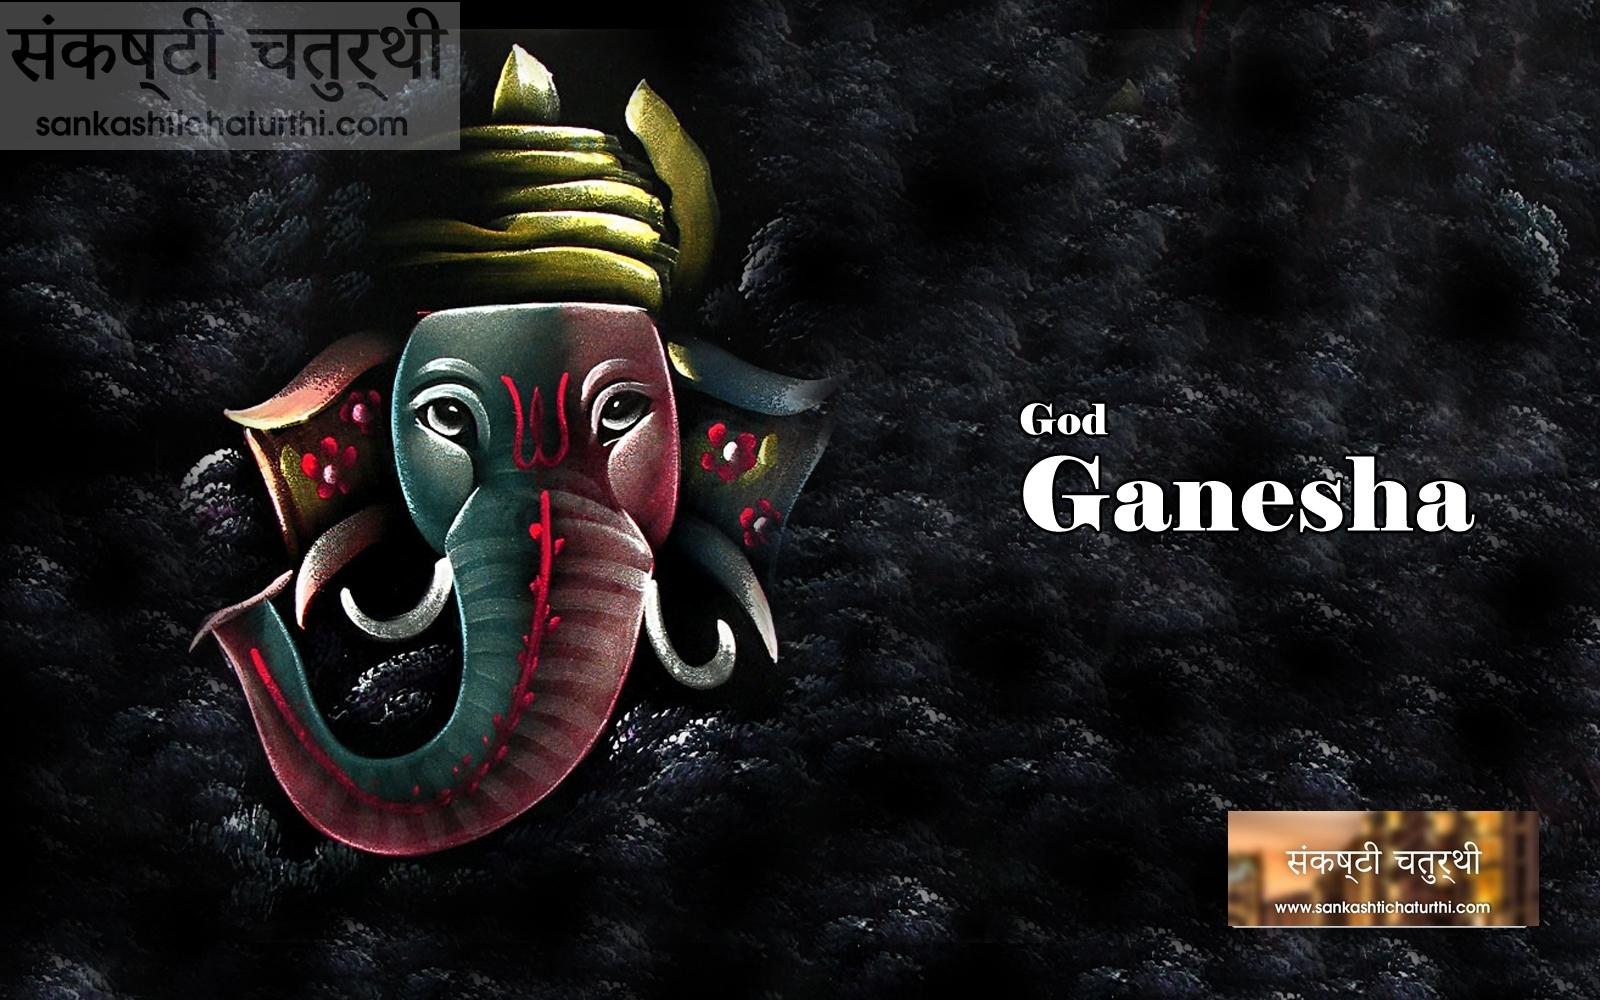 Ganesha Chaturthi images and wallpaper 2017 Free HD Ganesh